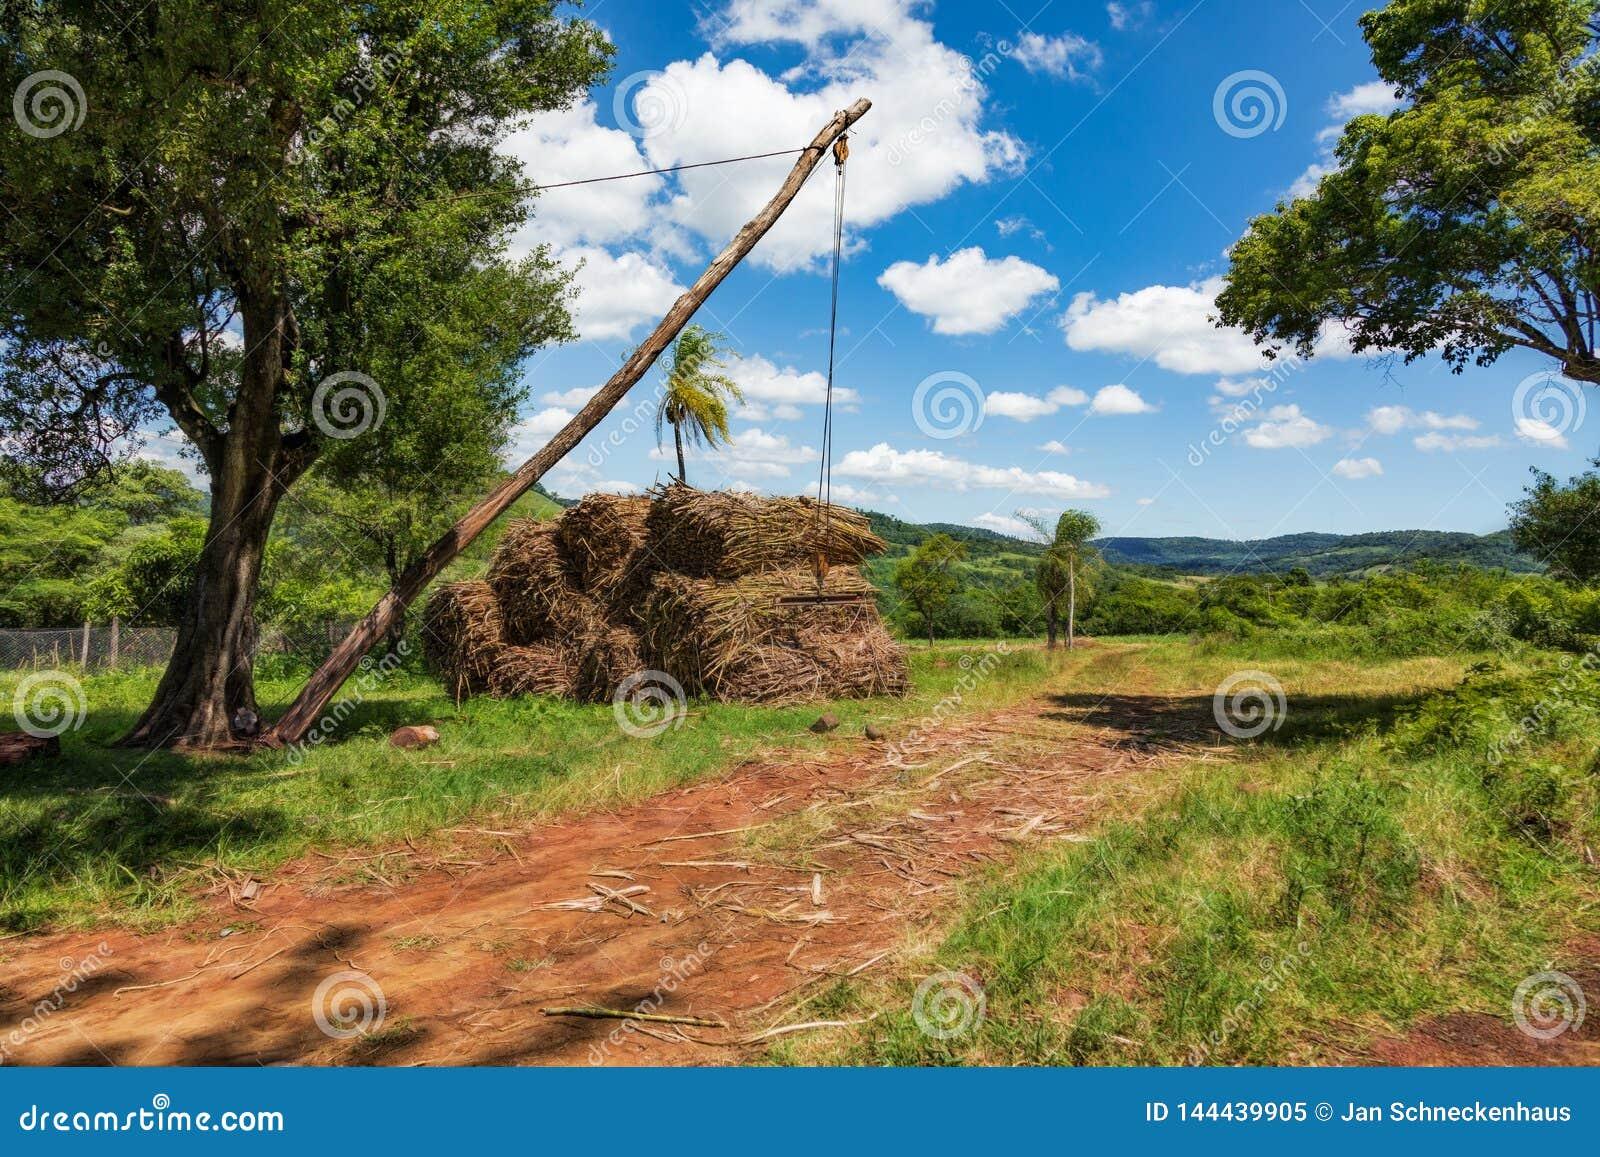 Dispositivo semplice della gru per il carico della canna da zucchero sui camion nel Paraguay